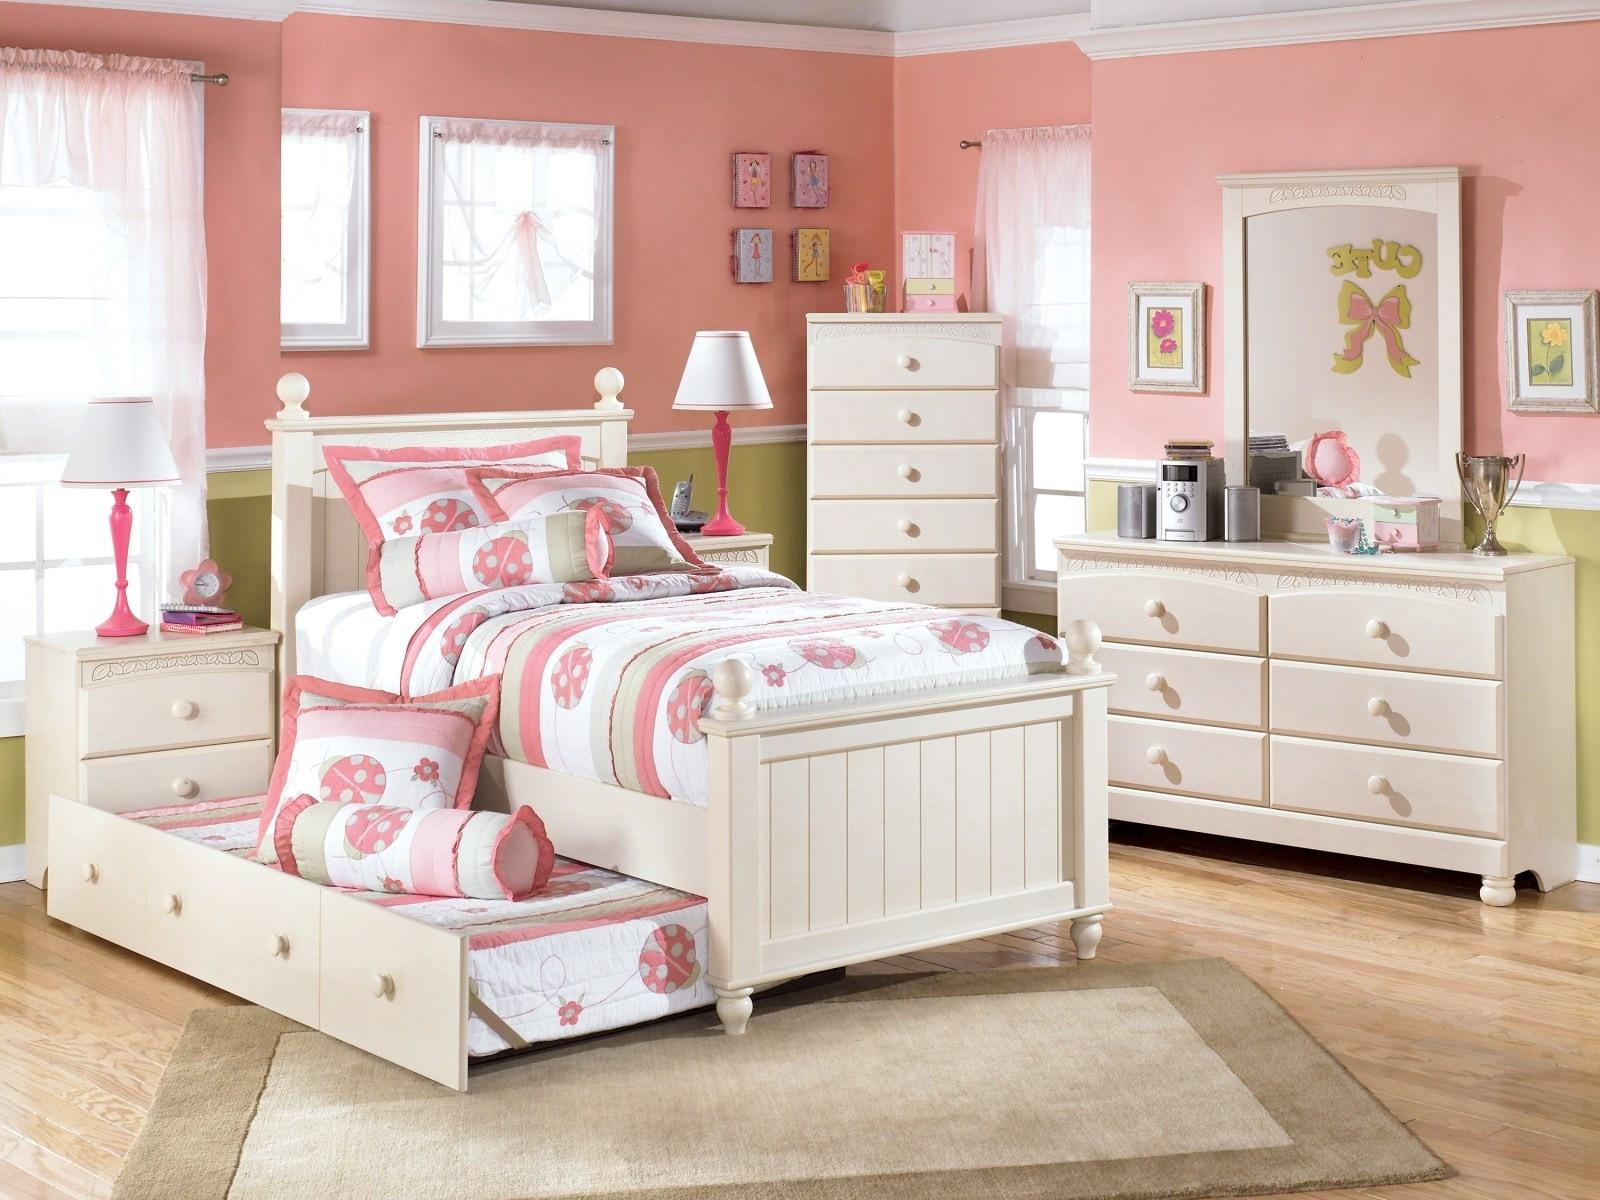 Girls bedroom sets nursery furniture sets for girls lovely nursery girls bedroom AFDMTTI